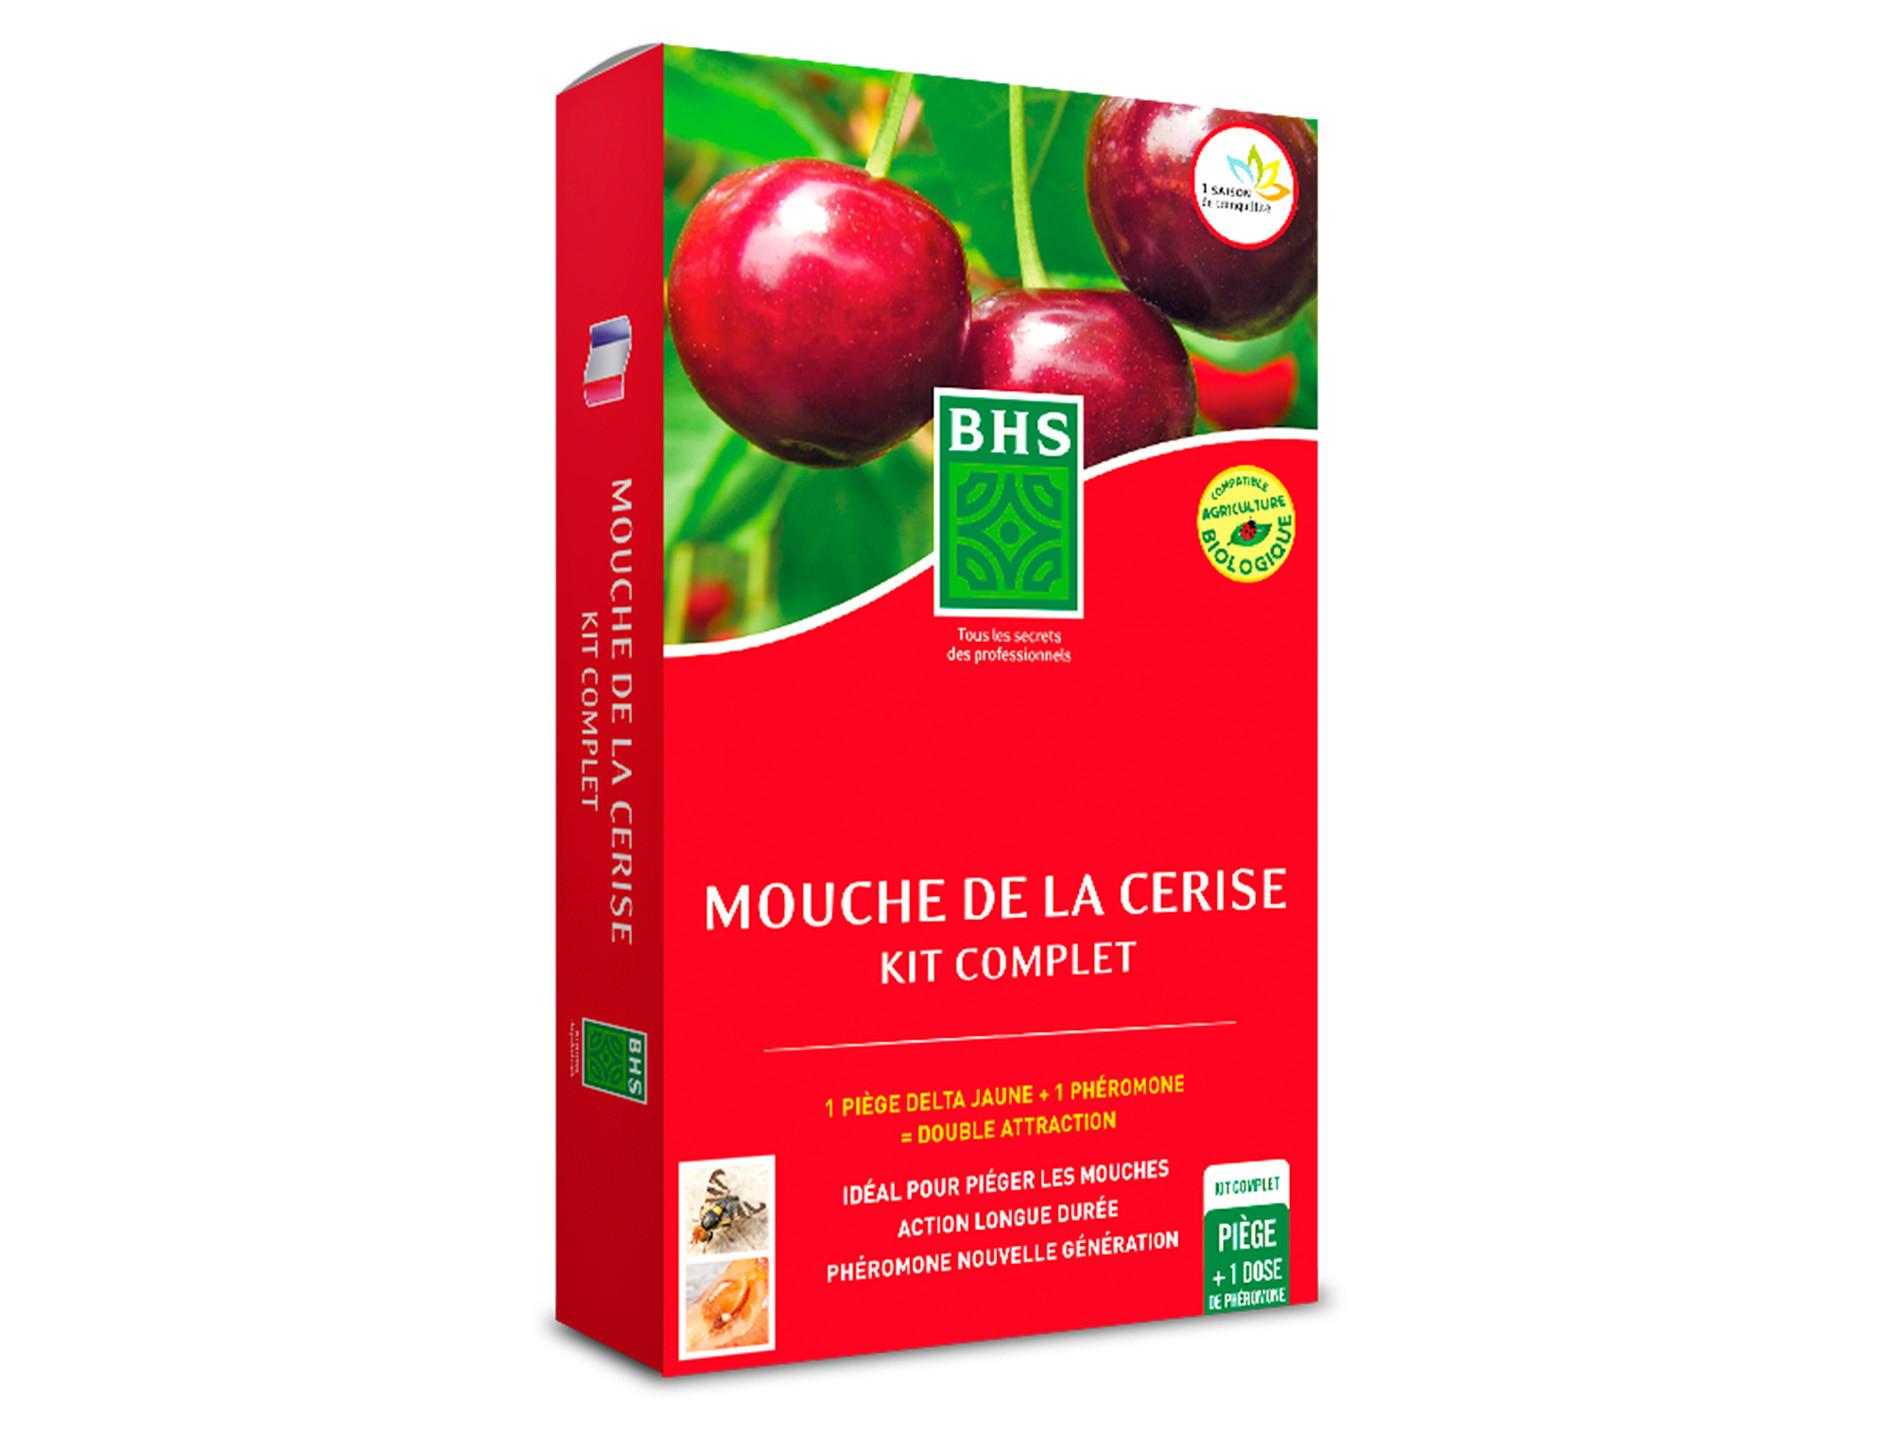 Kit 10 phéromone Mouche de la cerise BHS